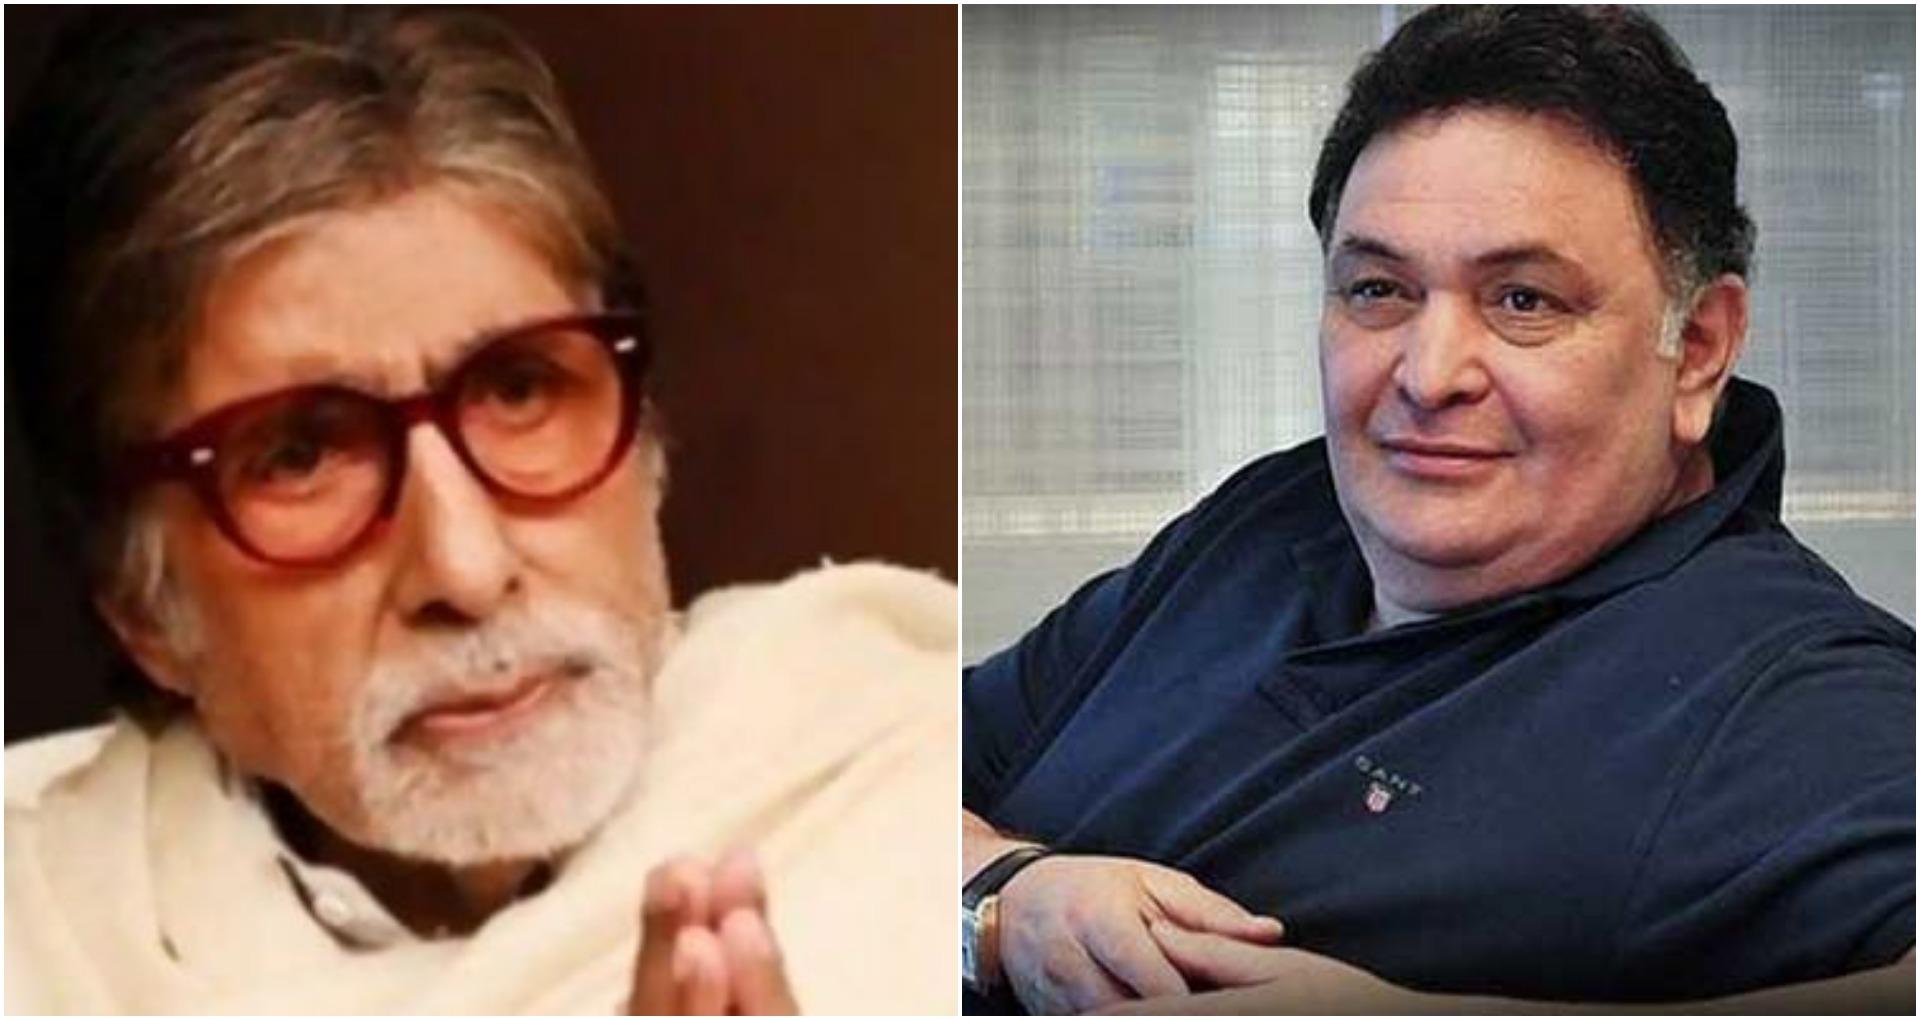 ऋषि कपूर के निधन से दुखी हैं अमिताभ बच्चन, कहा- मैं कभी उन्हें हॉस्पिटल में देखने नहीं गया…